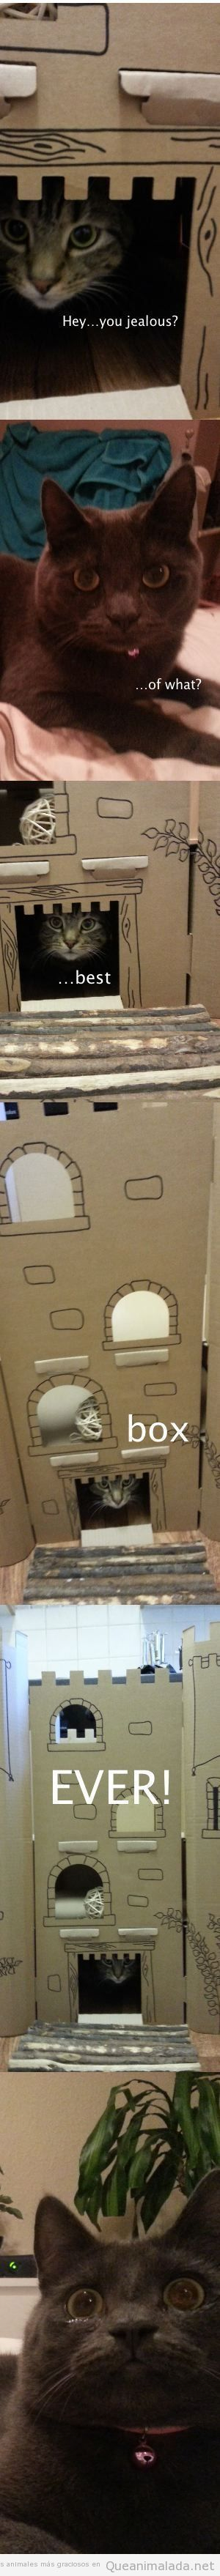 Imágenes curiosas de una caja para gatos en forma de castillo